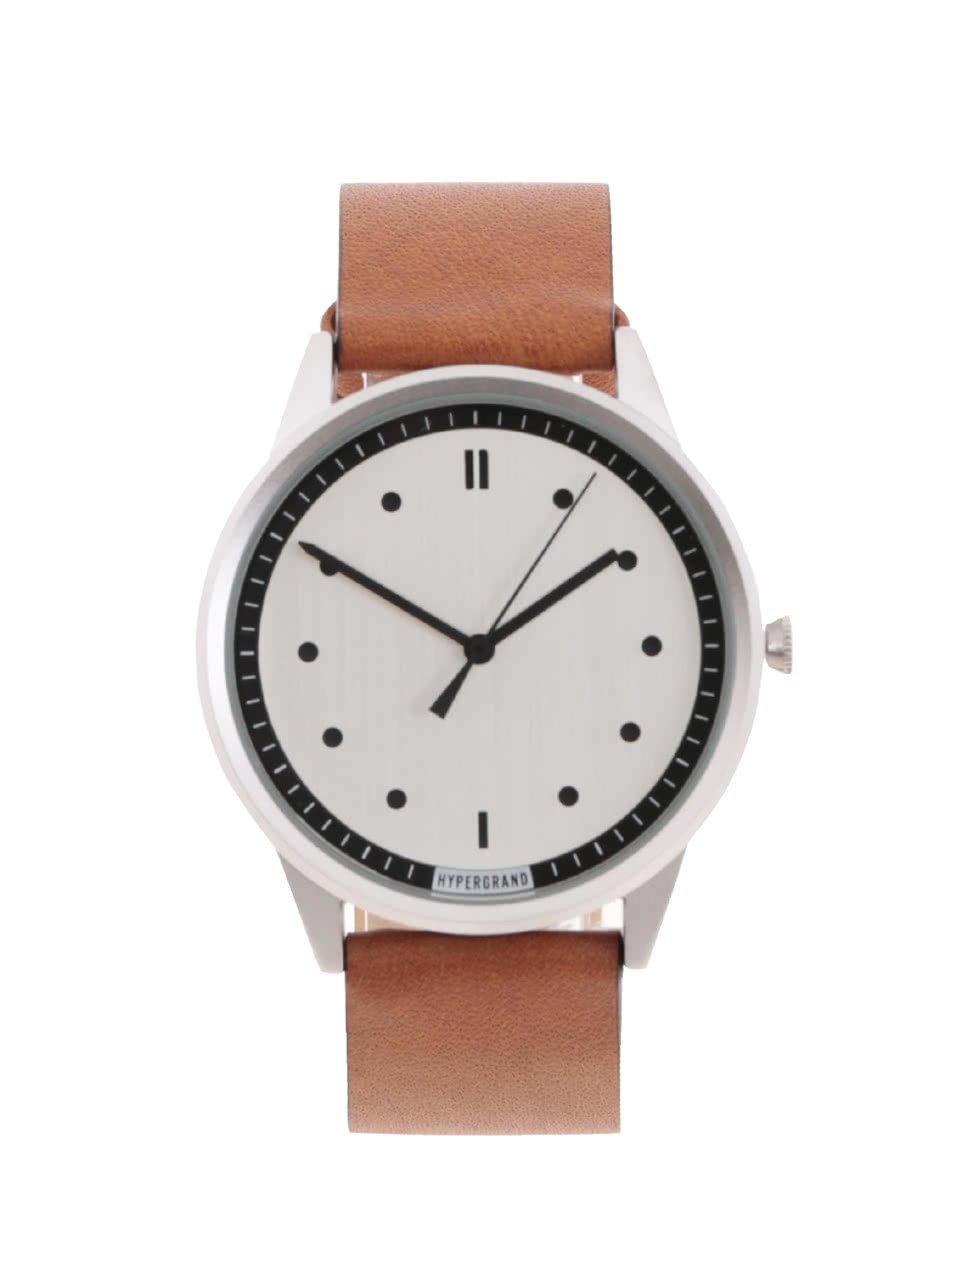 Pánské hodinky ve stříbrné barvě s hnědým koženým páskem HYPERGRAND